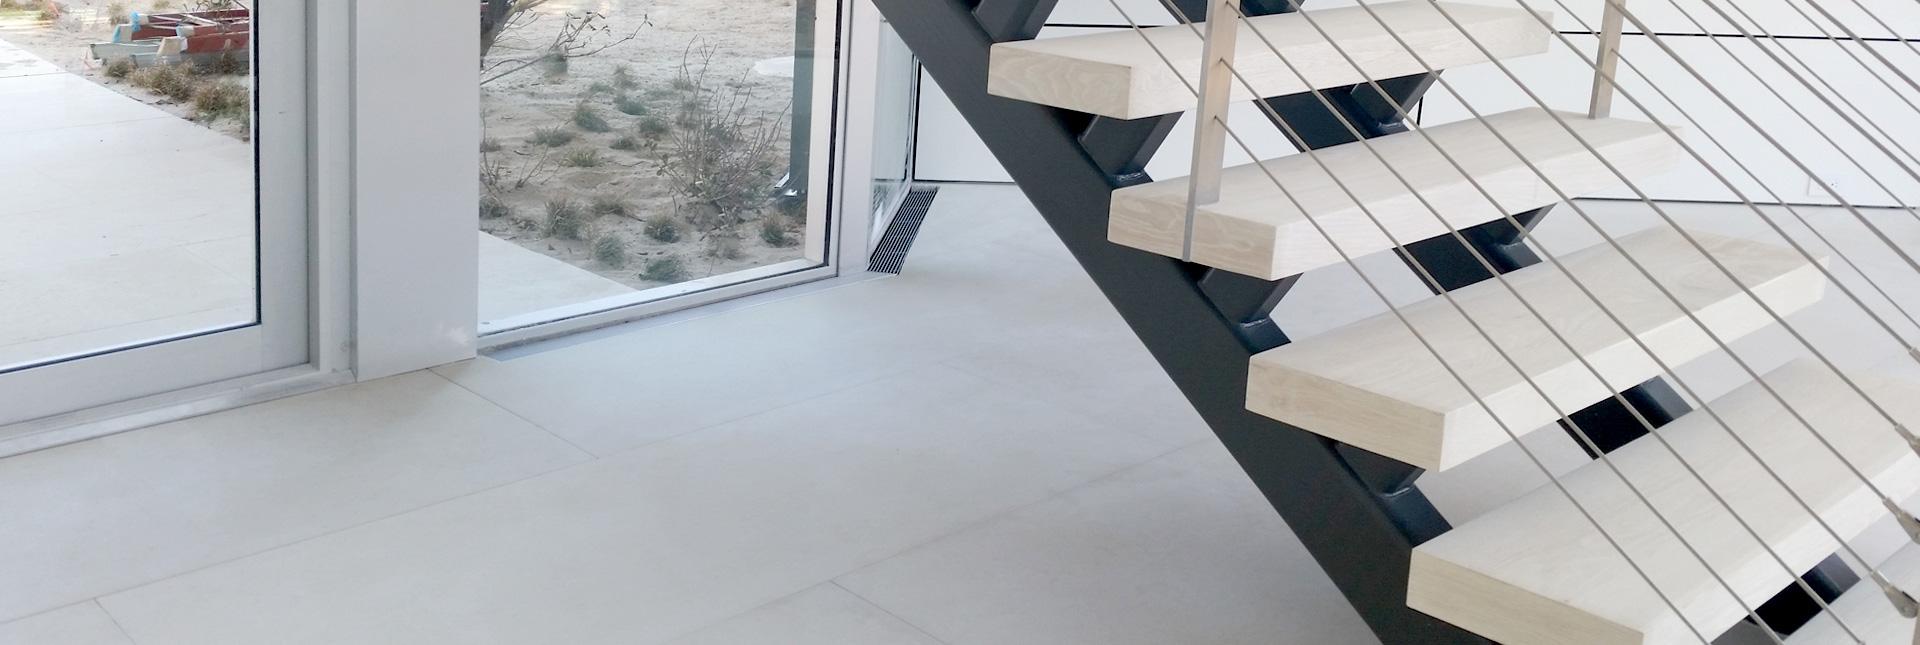 Stone Surgeon - Granite Sealed White Stairs and Floor